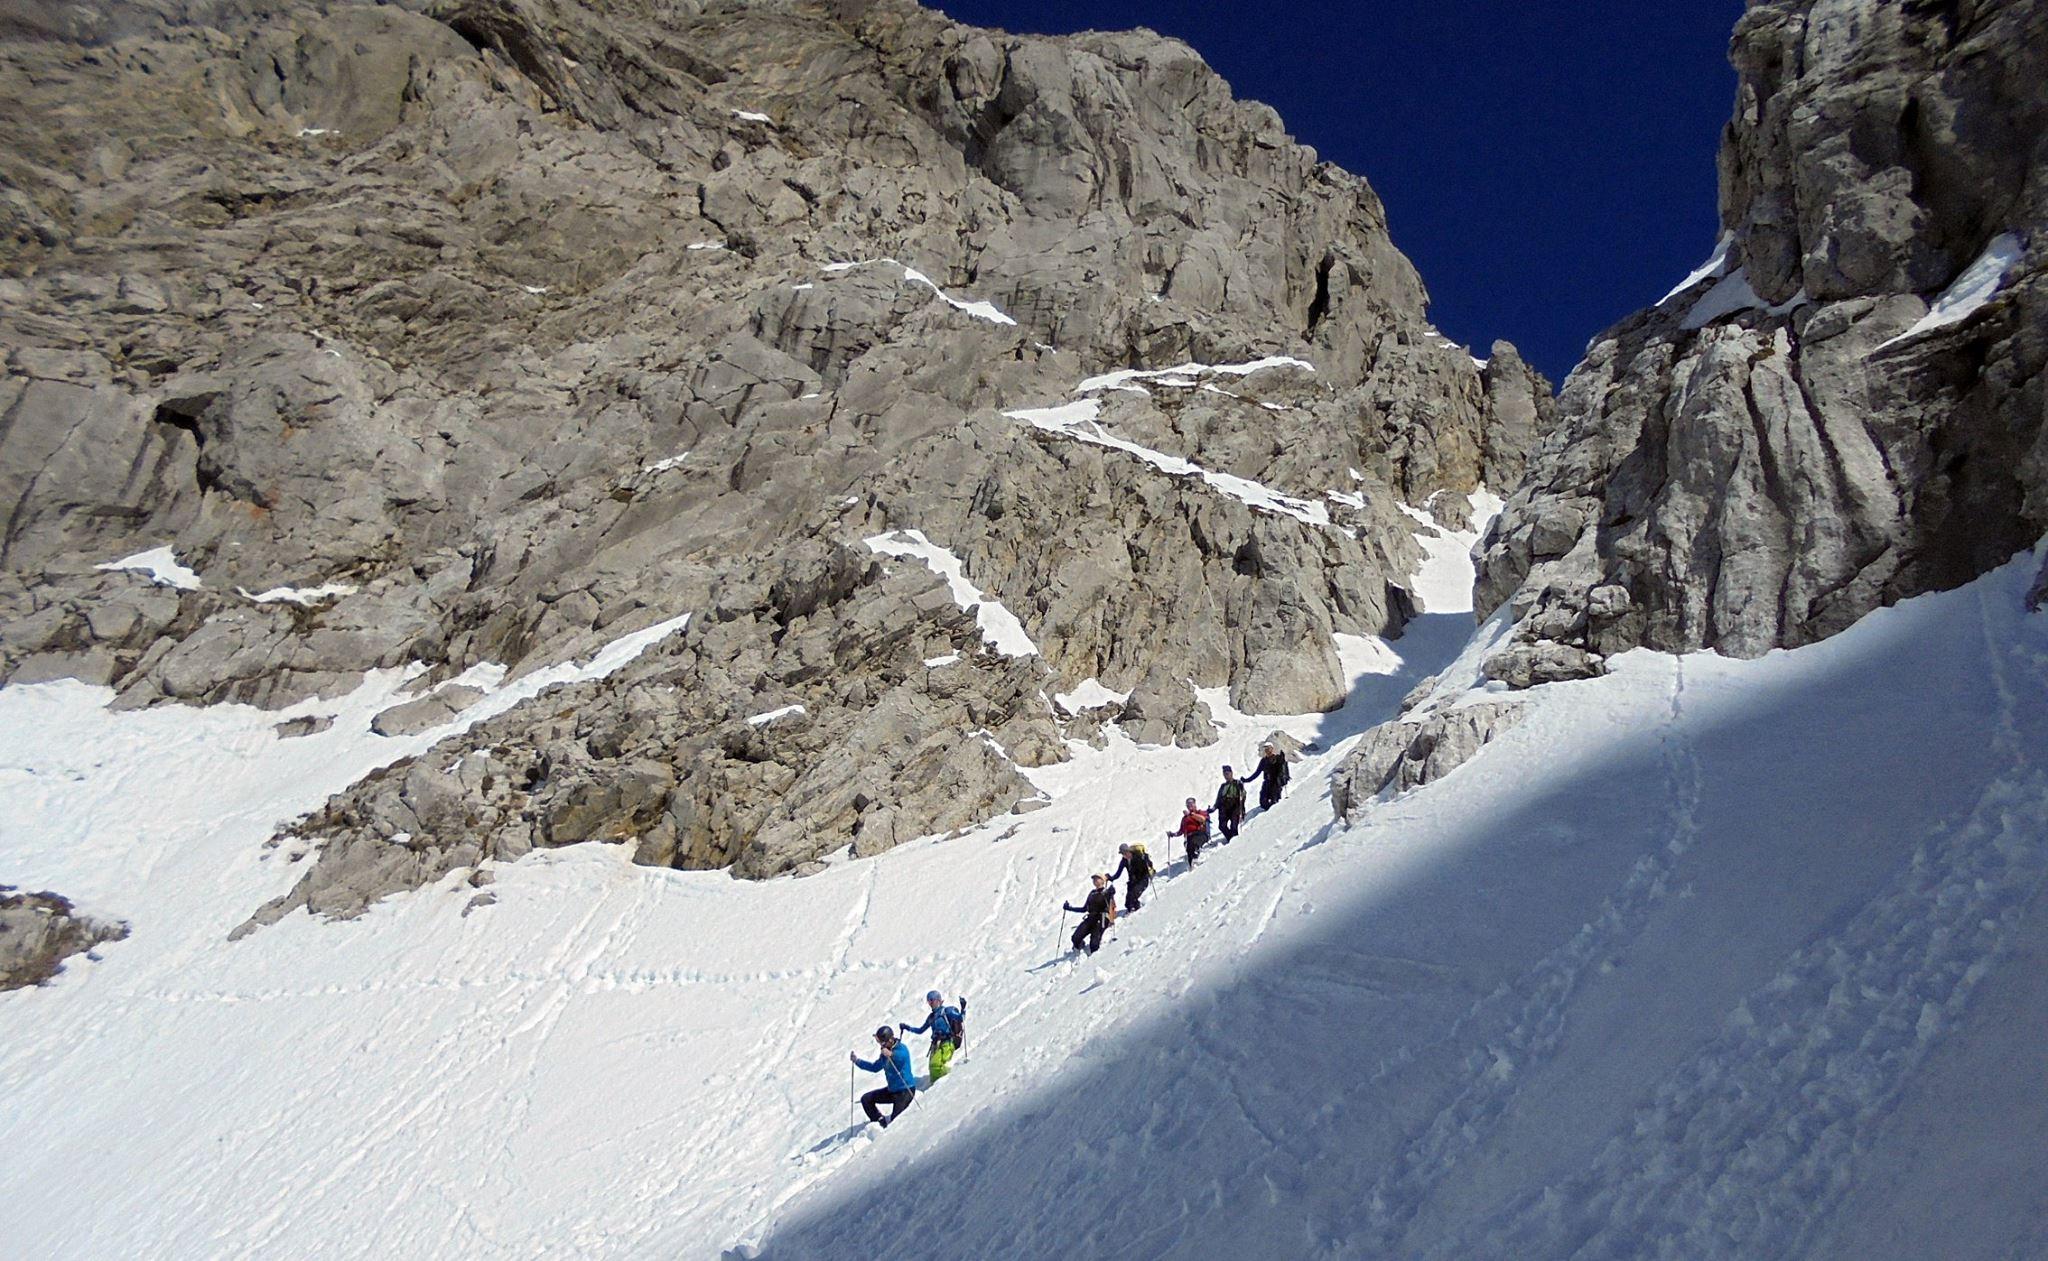 Schneekar (2.126m) + Treffauer Lucke, Wilder Kaiser, 19.03.2016